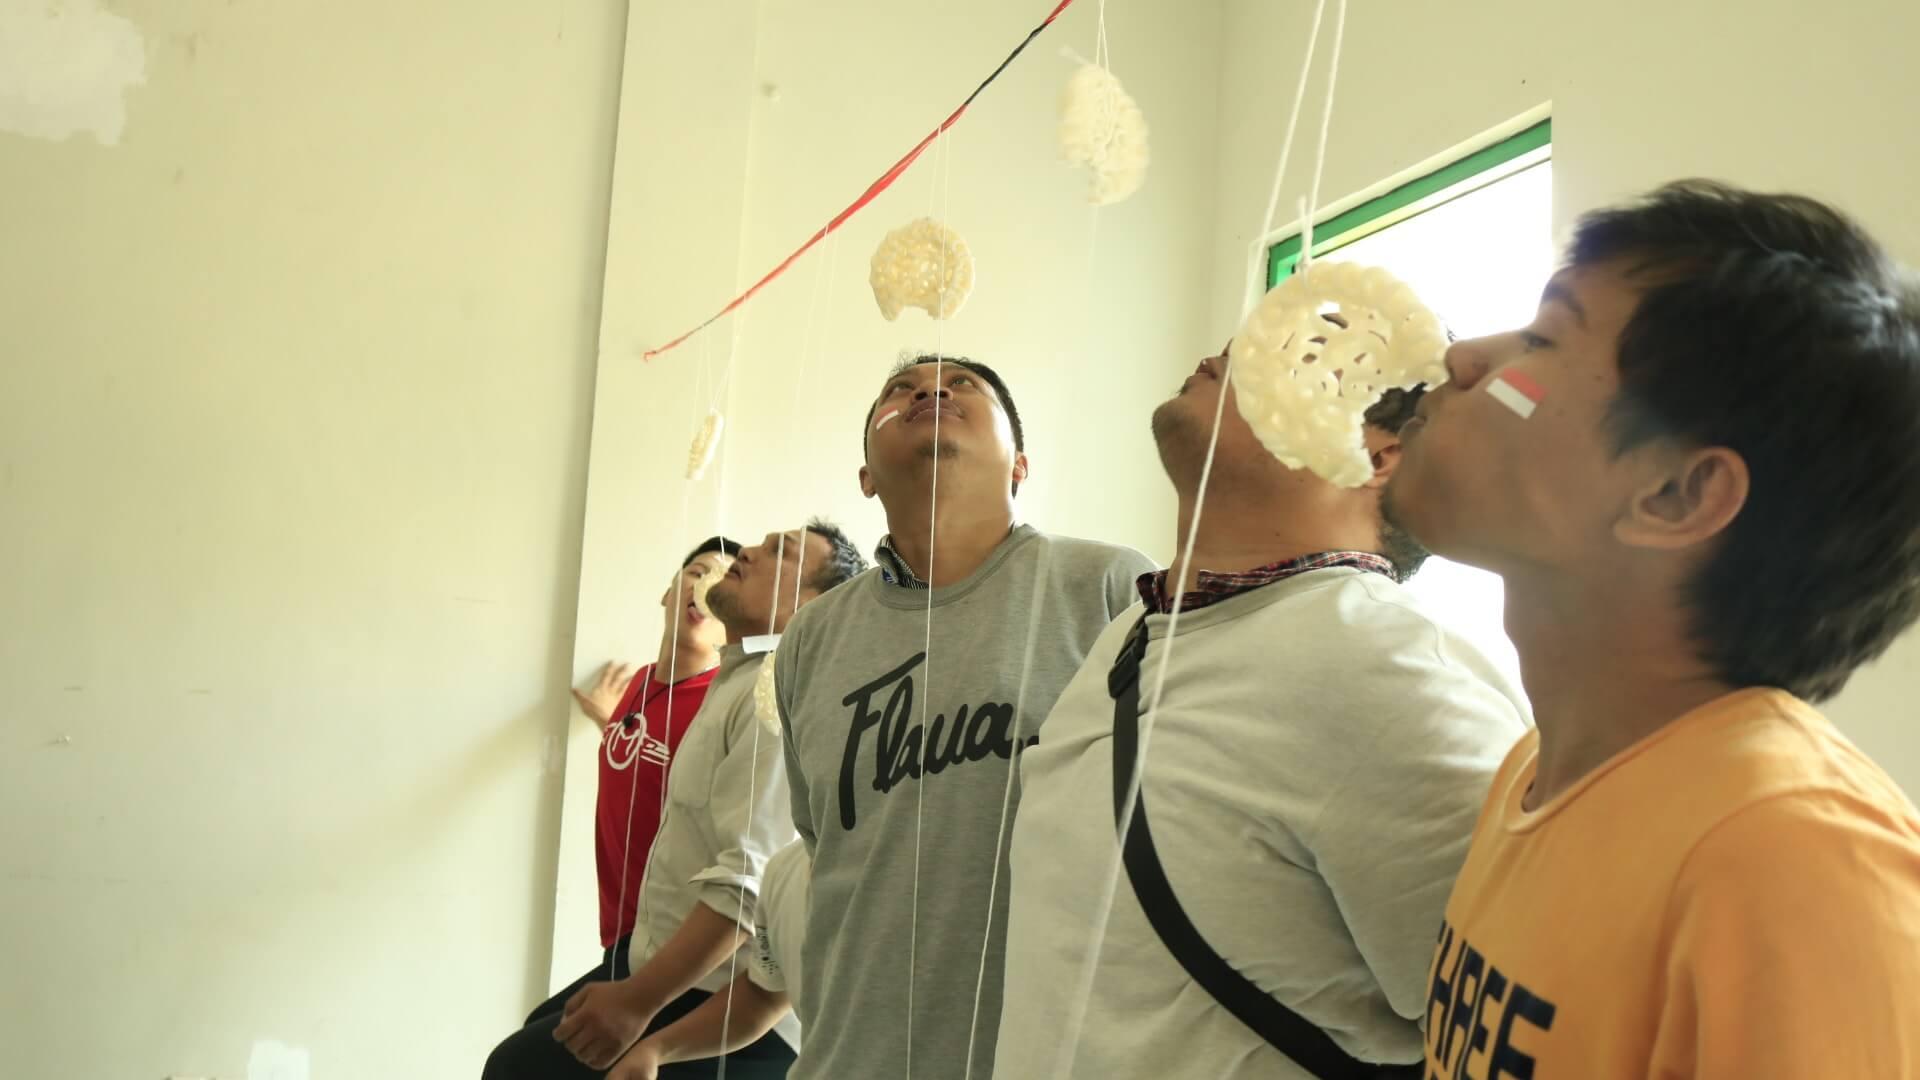 Perayaan Lomba 17 Agustus di Kantor Mobilkamu 3